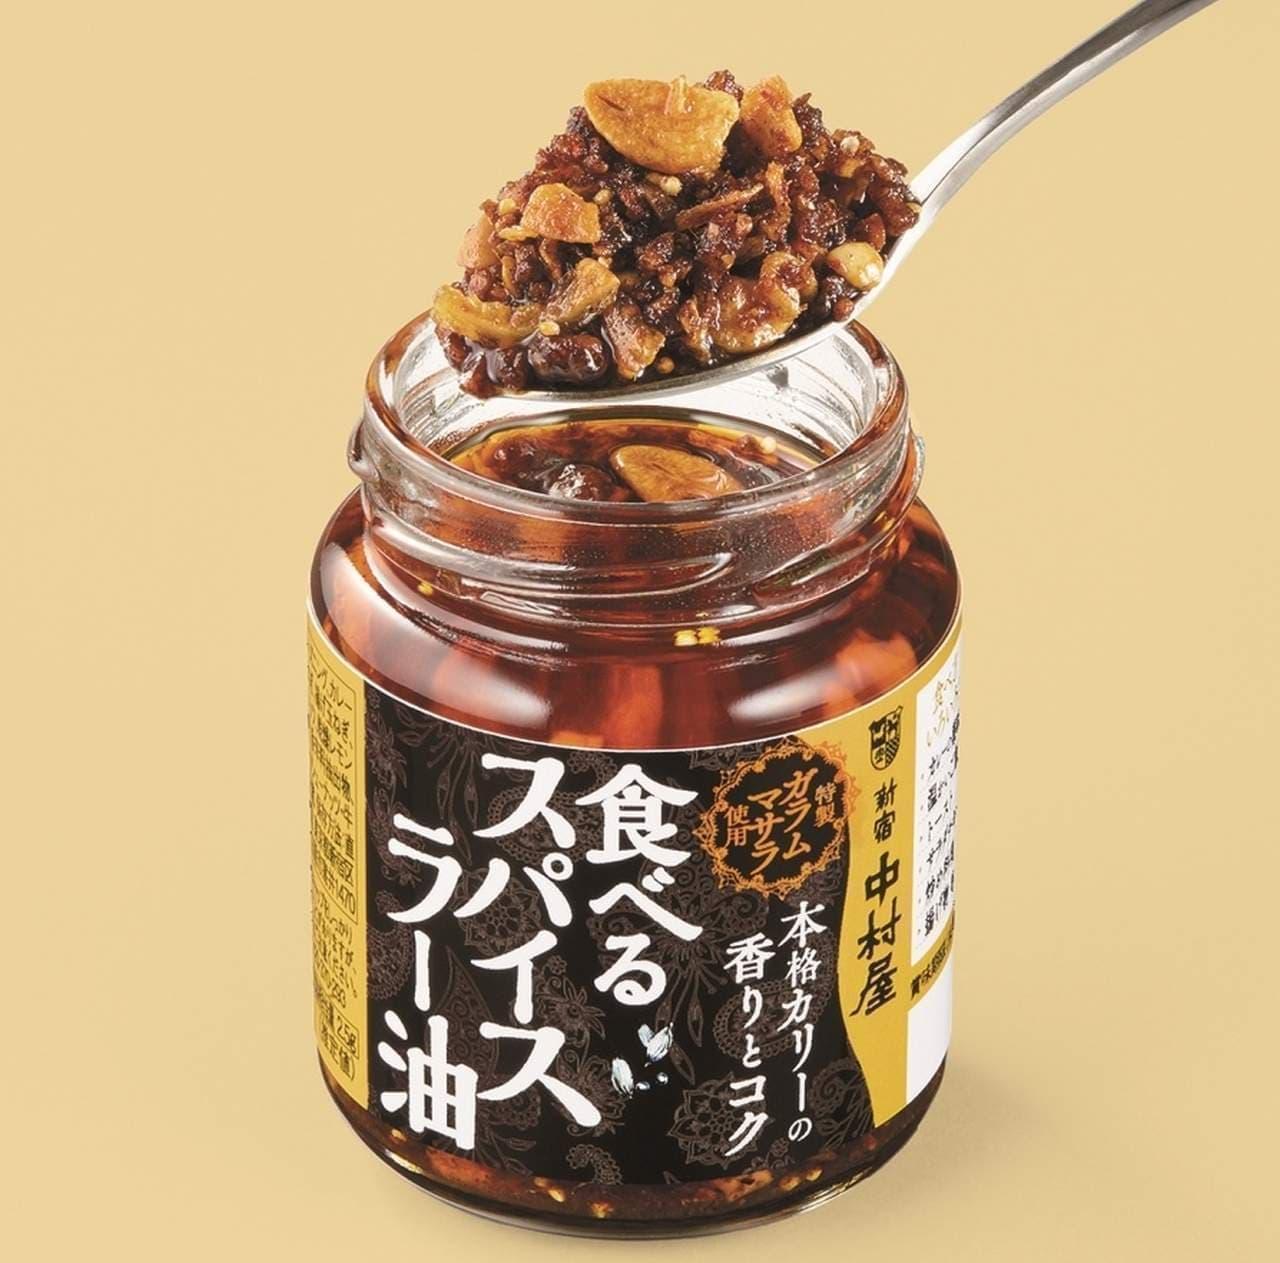 具入りラー油 「本格カリーの香りとコク 食べるスパイスラー油」